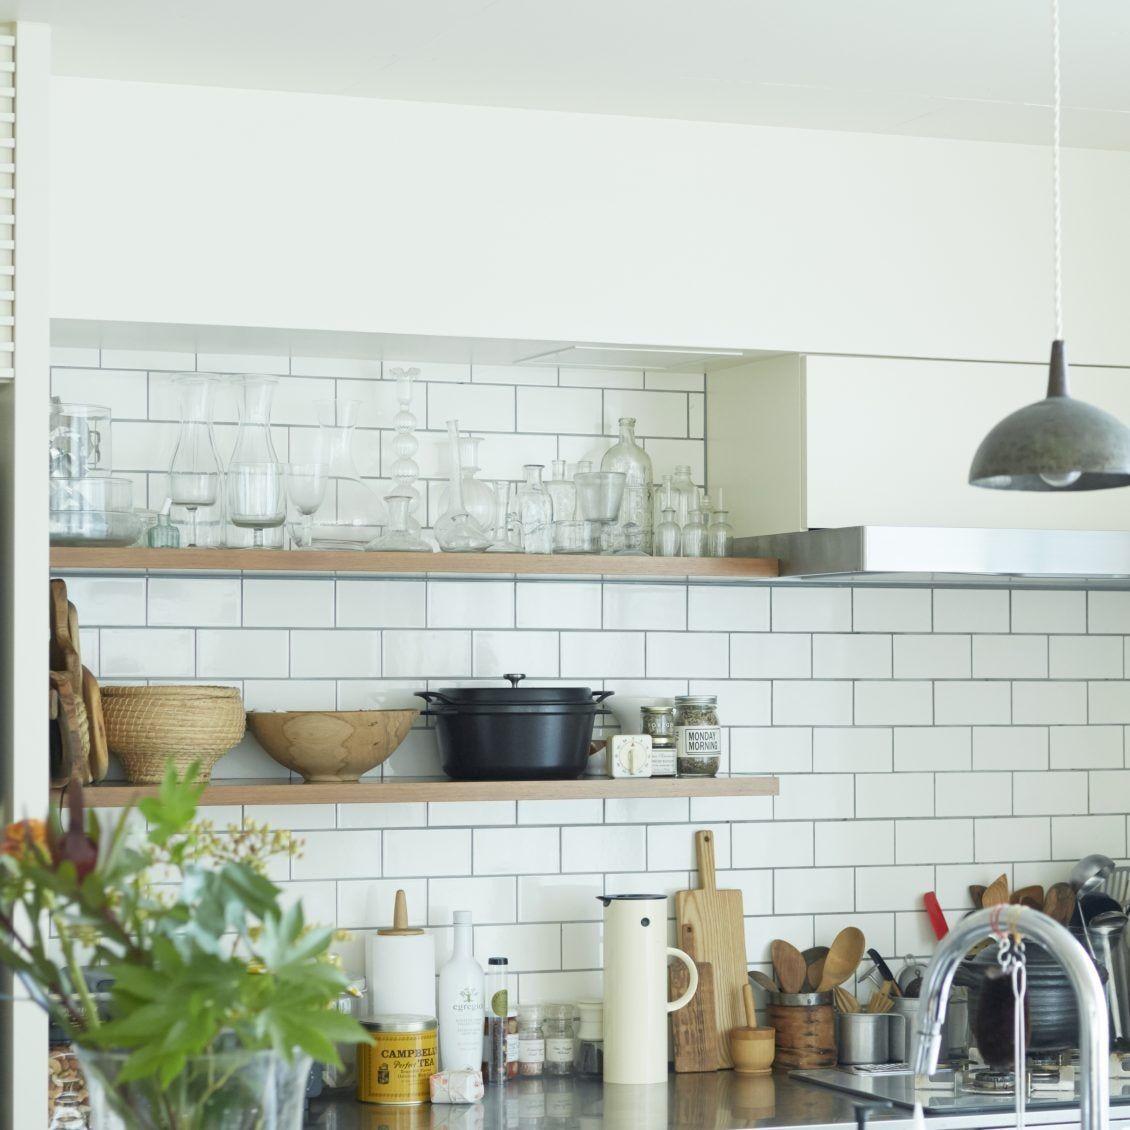 見た目も使い勝手も諦めない キッチンの飾り棚 収納アイデア